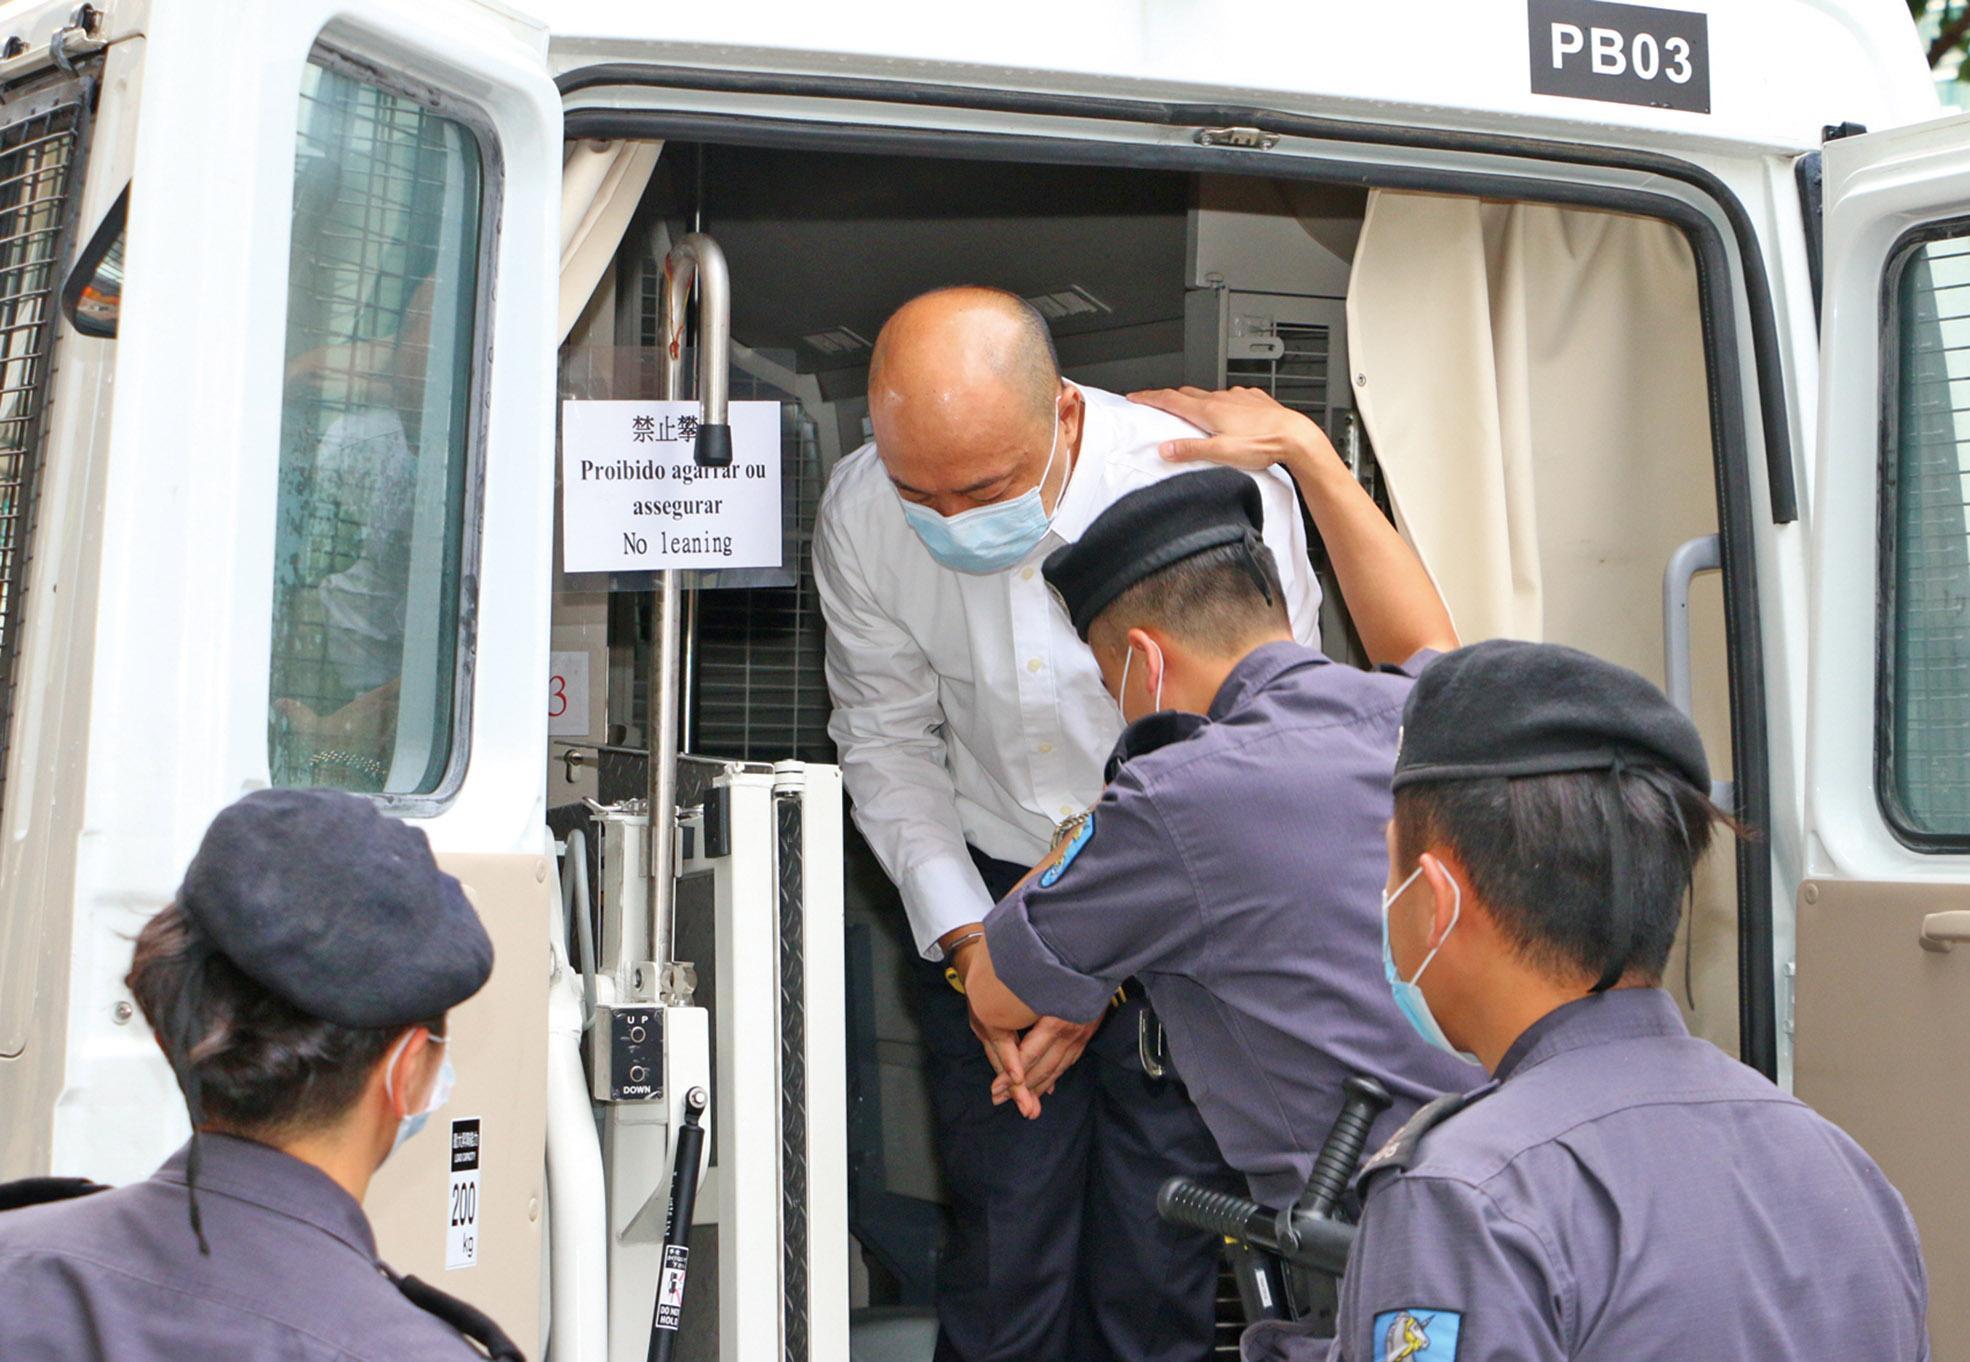 盧毅華否認受賄1,600萬元